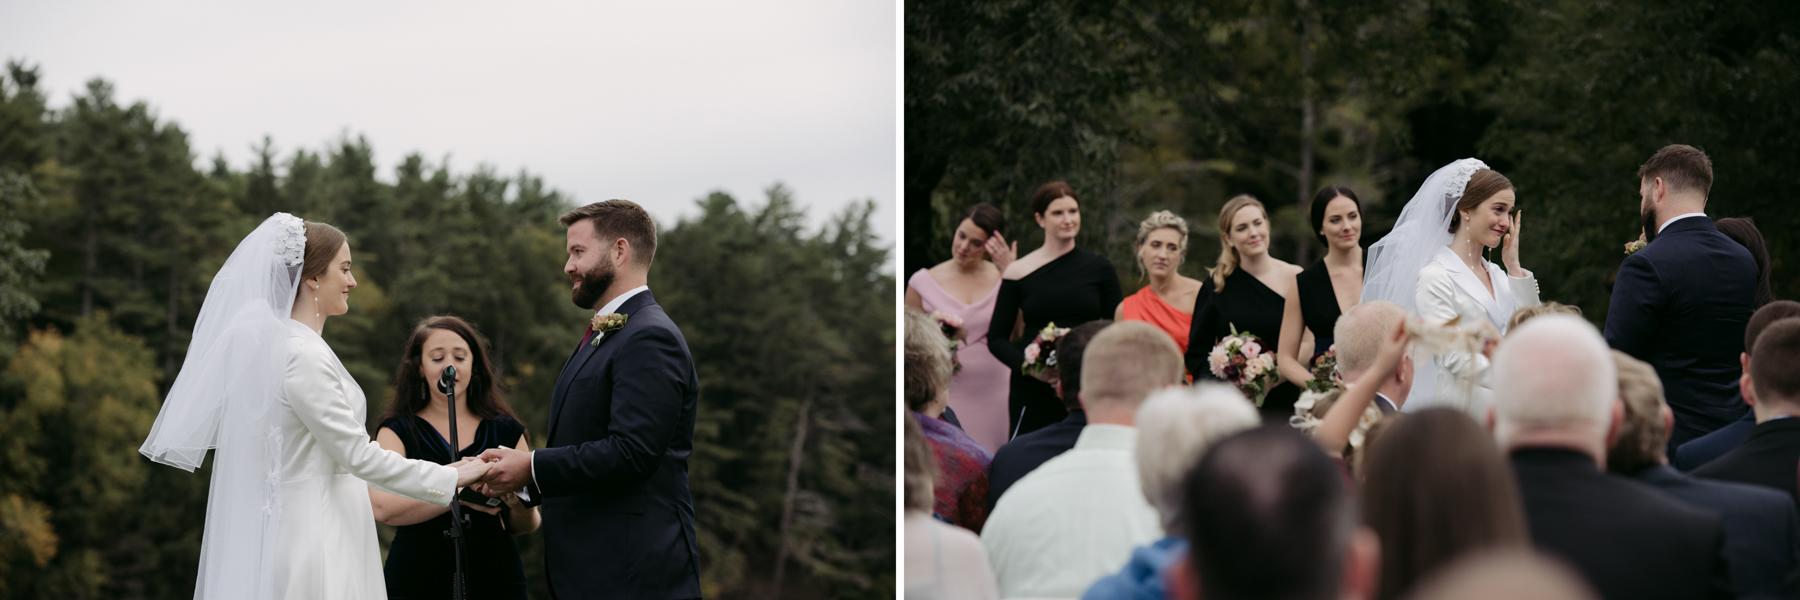 Hamilton_House_wedding_maine_Leah_Fisher_Photography-22.jpg